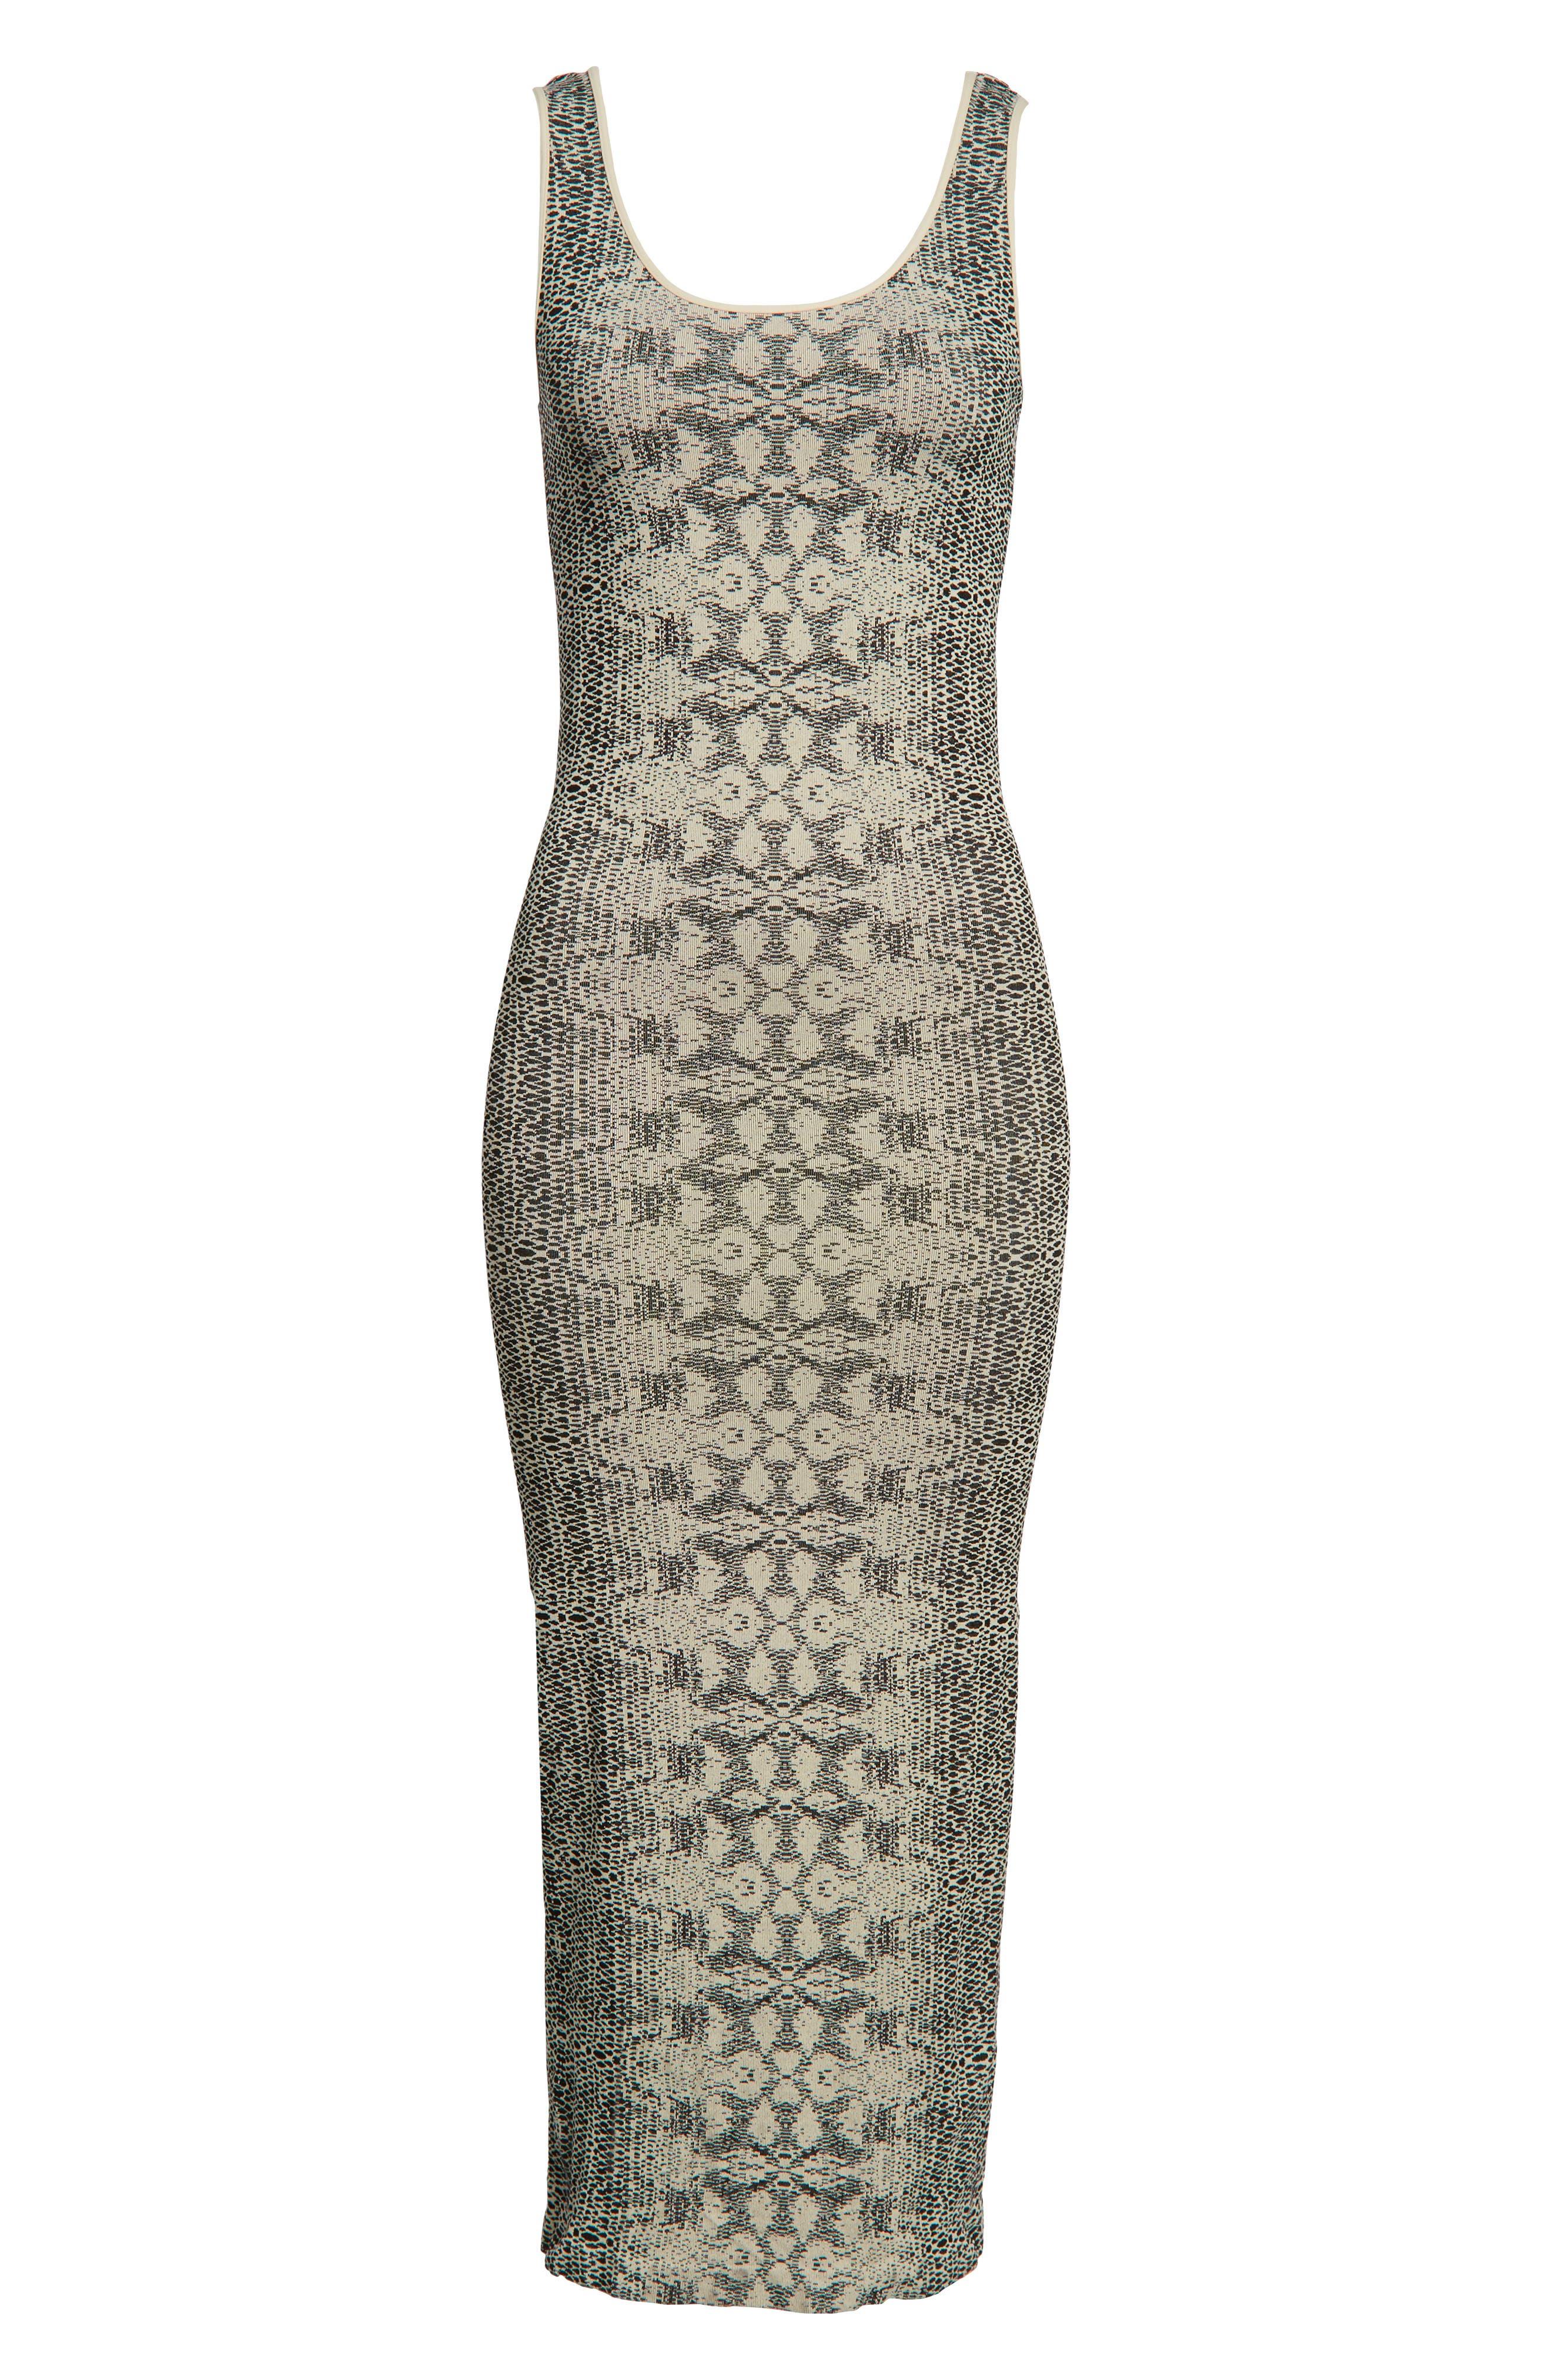 Snake Print Maternity Maxi Dress,                             Alternate thumbnail 6, color,                             900